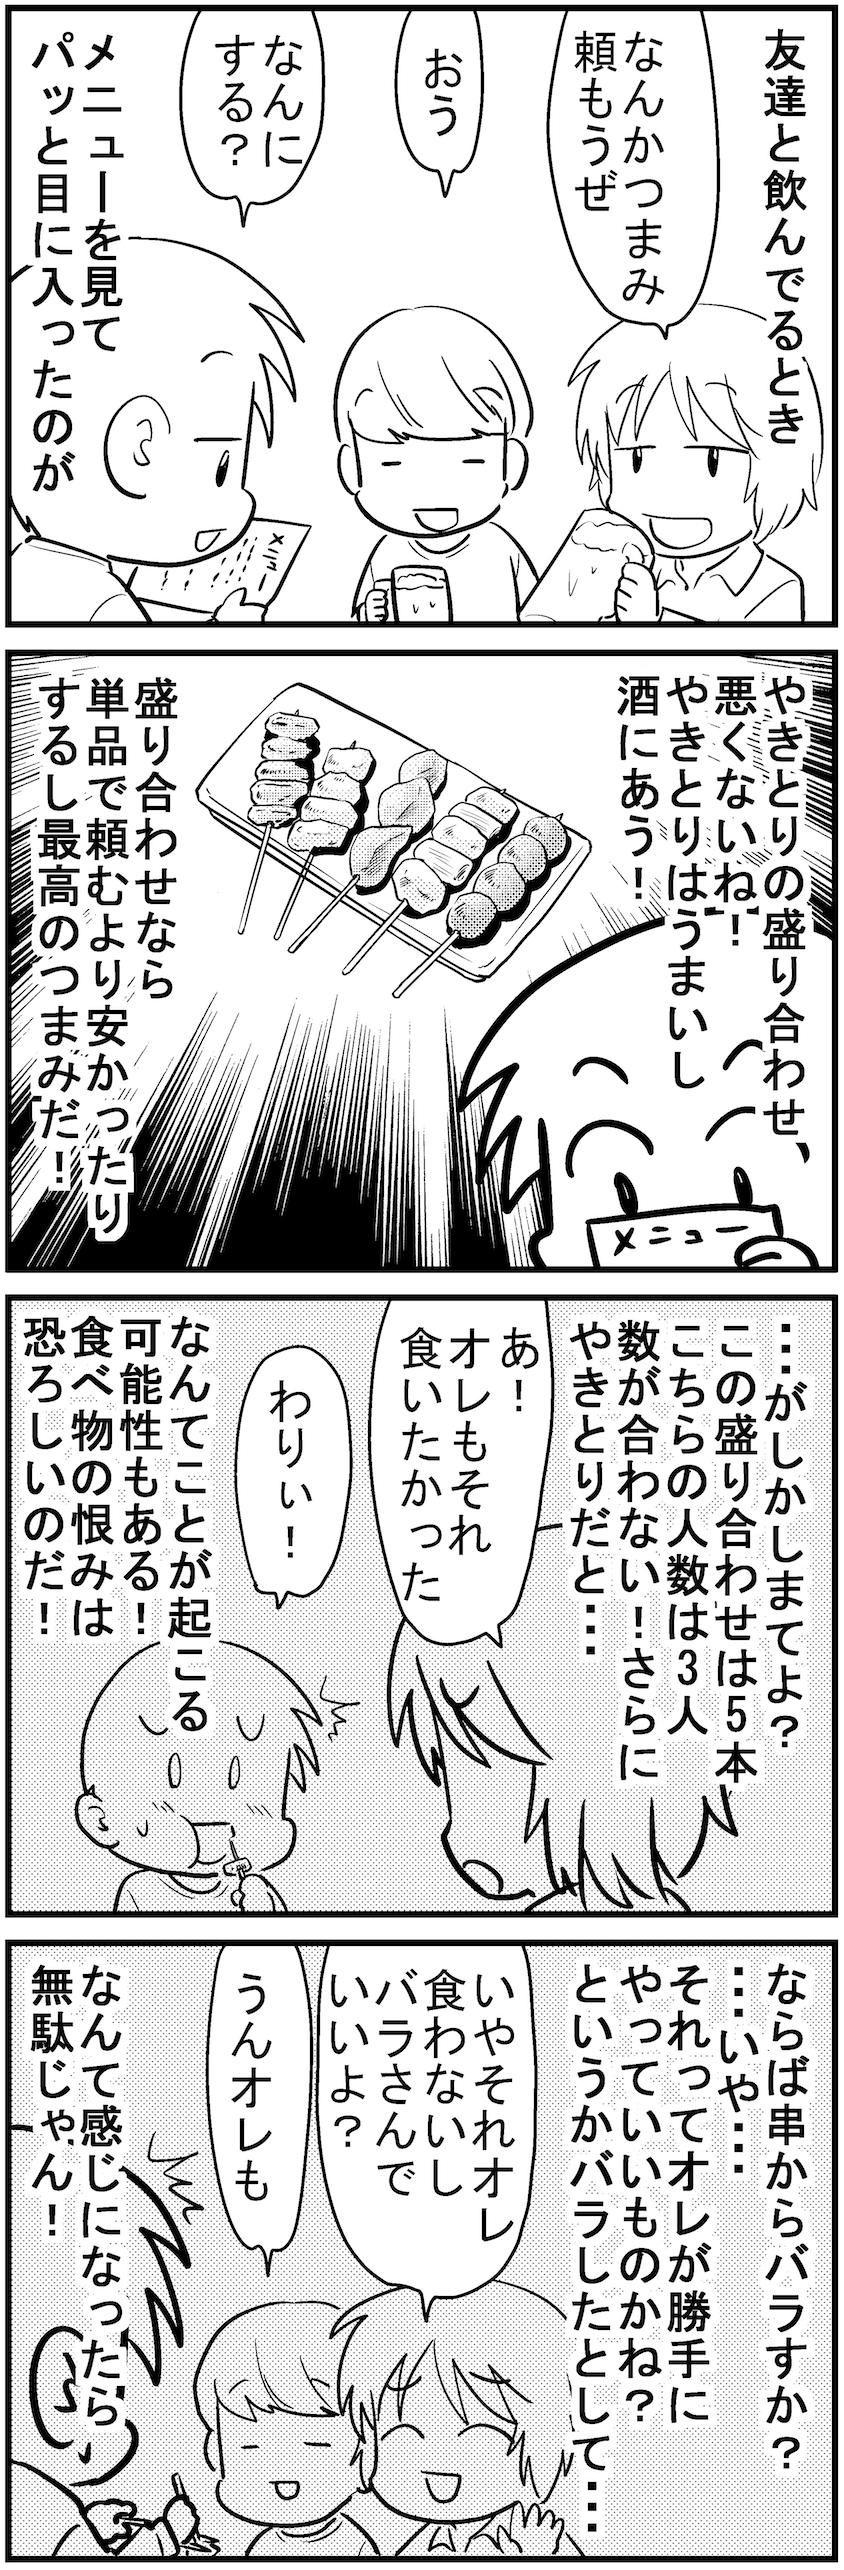 深読みくん134_1